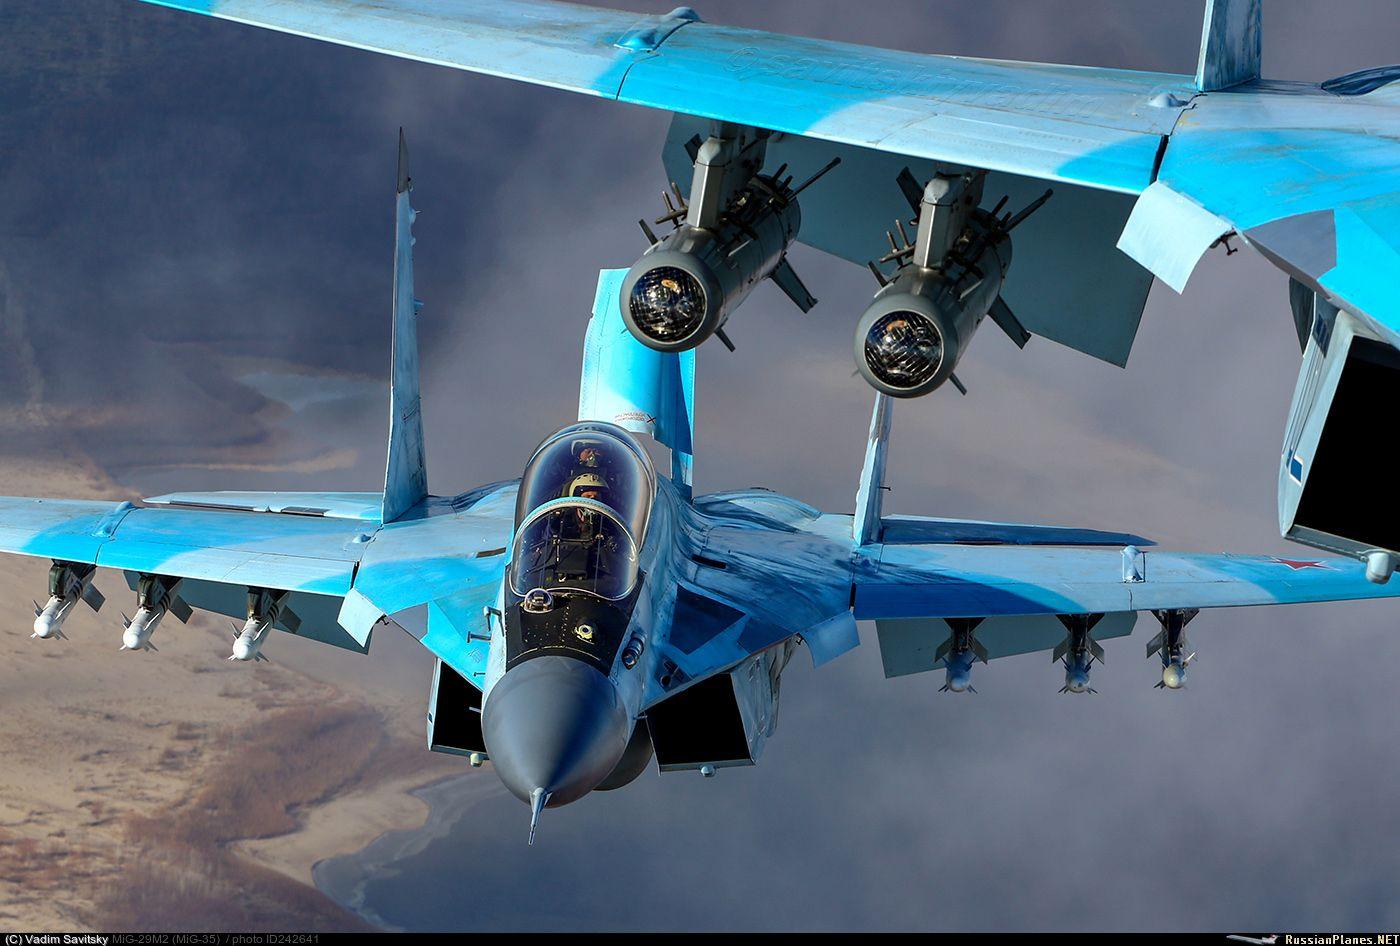 Mig35 [1400 x 946] 戦闘機, 空軍, ロシア